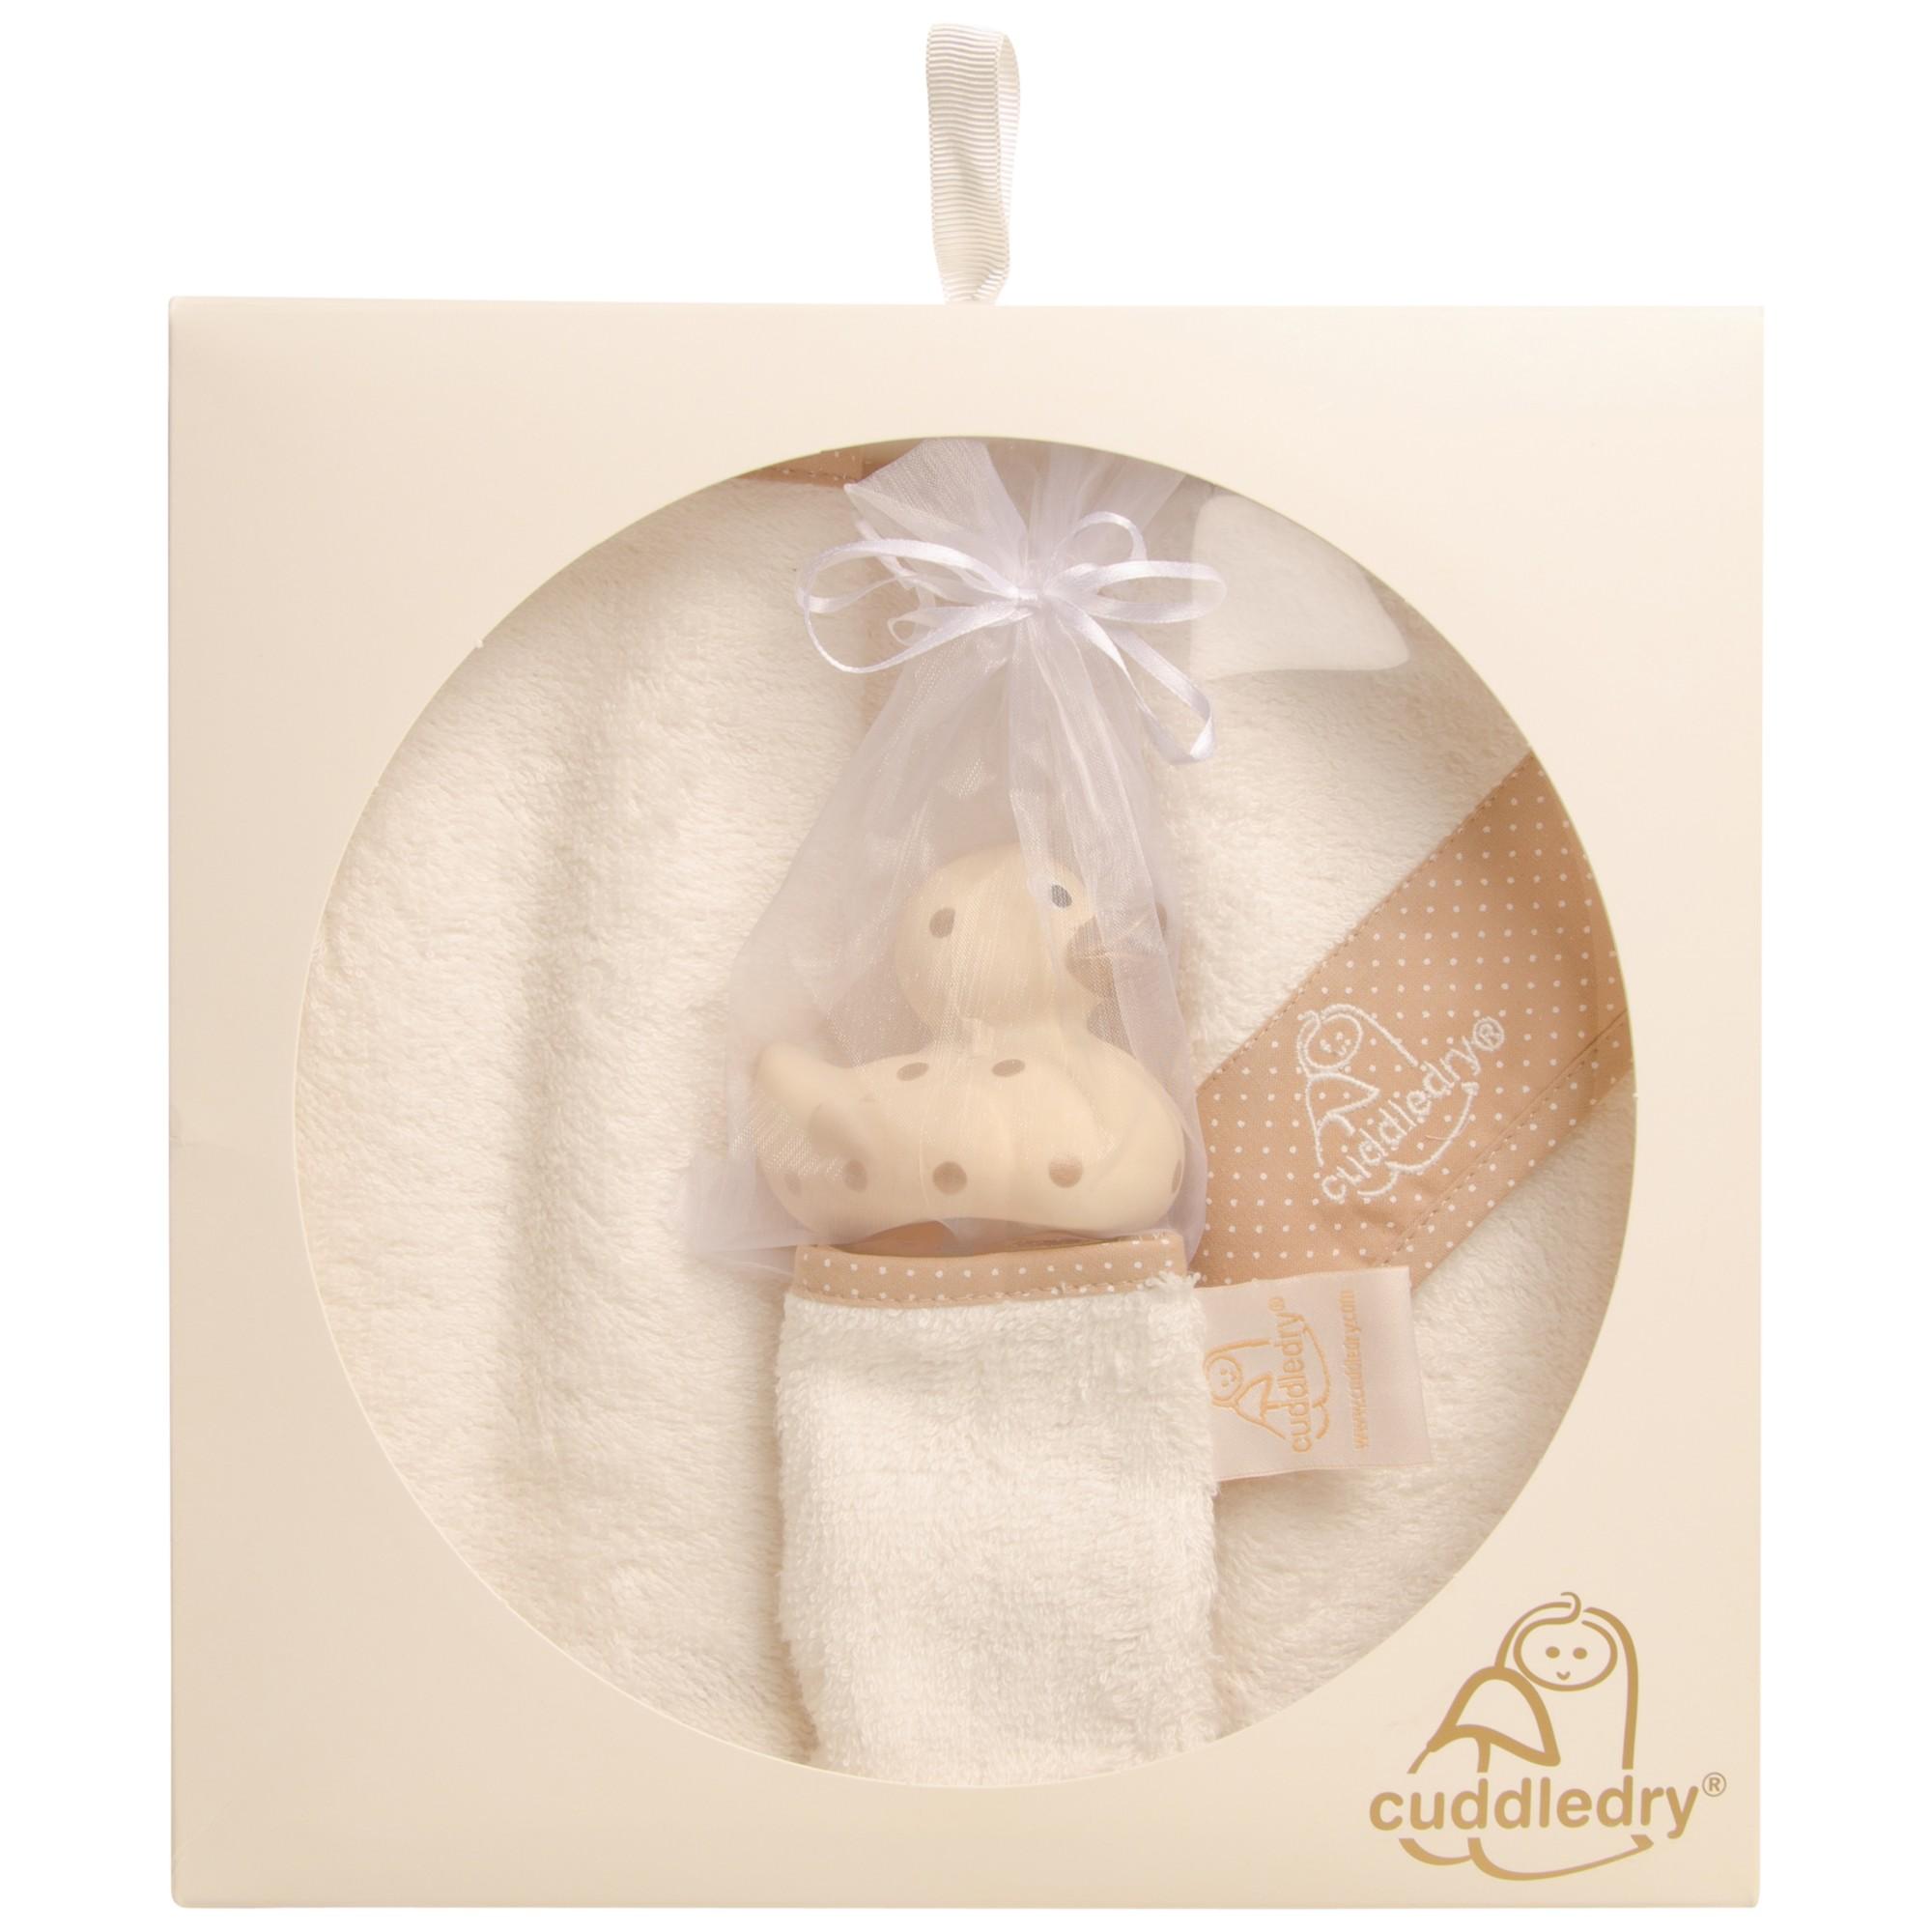 Cuddledry Baby Gift Set